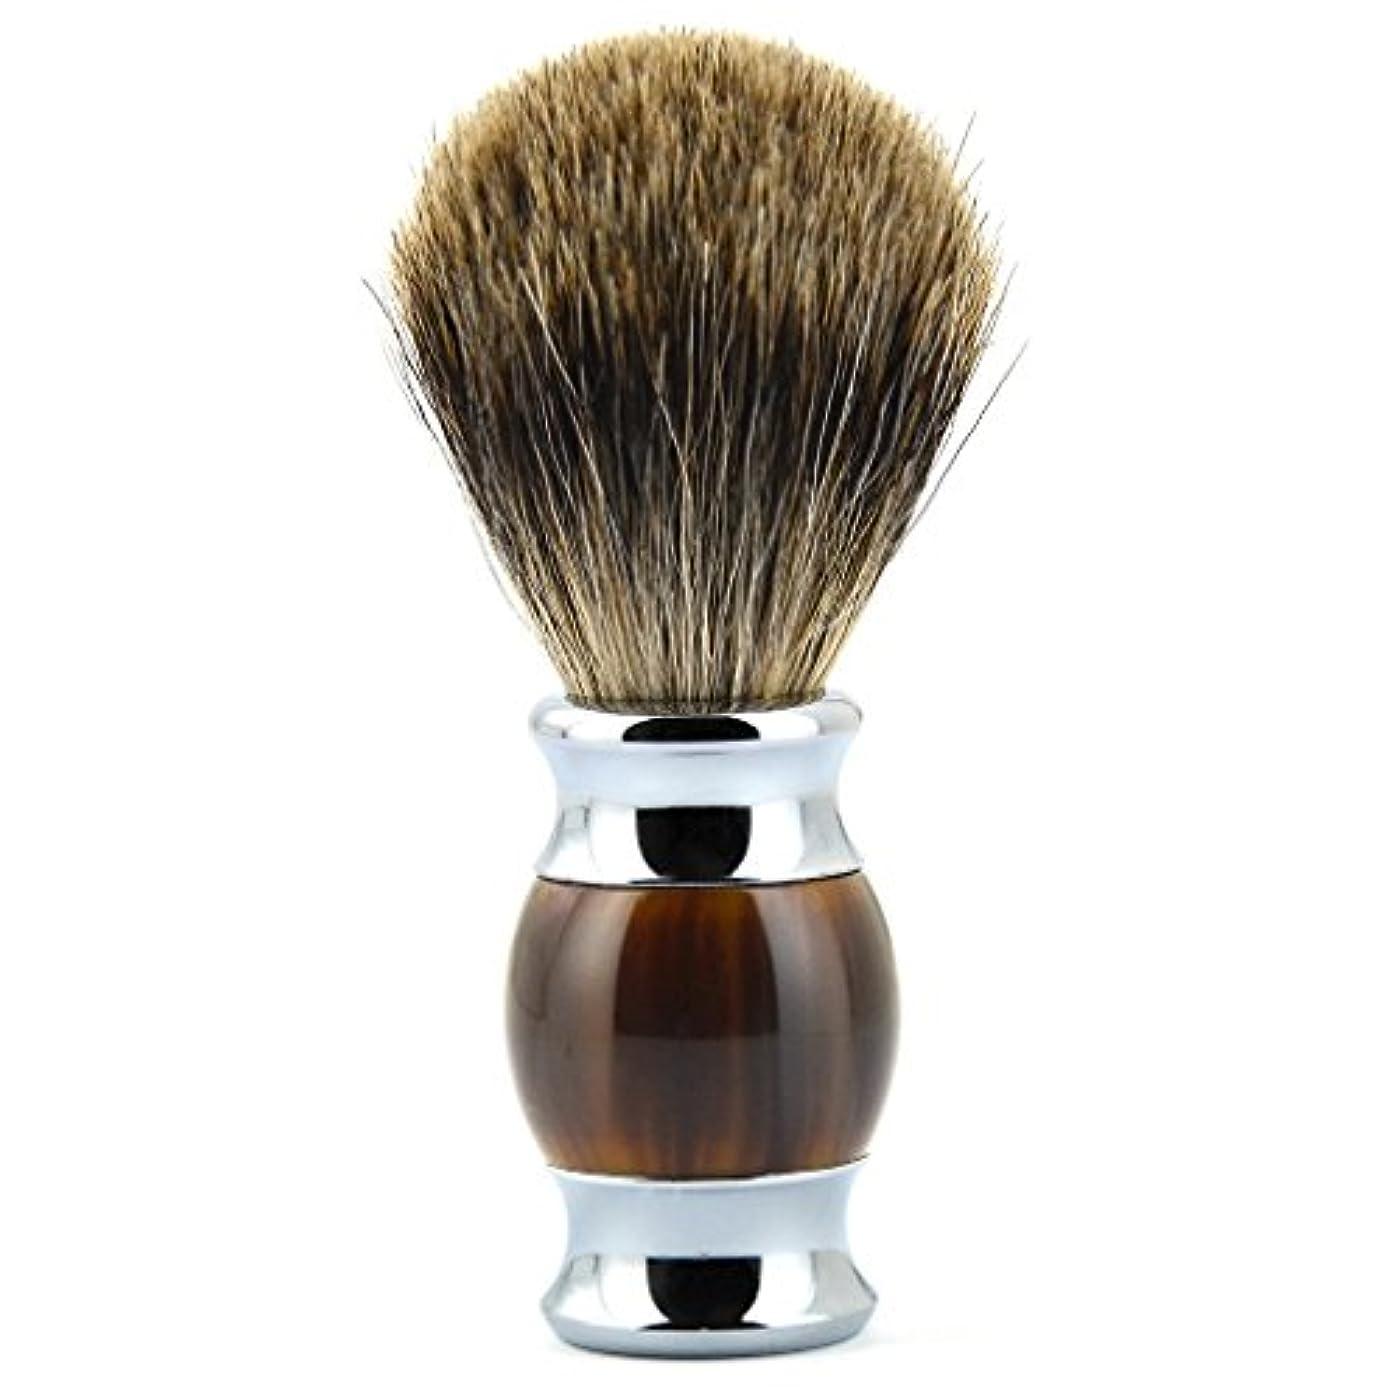 原告忌み嫌う美容師TopFires ひげブラシ シェービング ブラシ シェービング用ブラシ メンズ 100% アナグマ毛 理容 洗顔 髭剃り 泡立ち